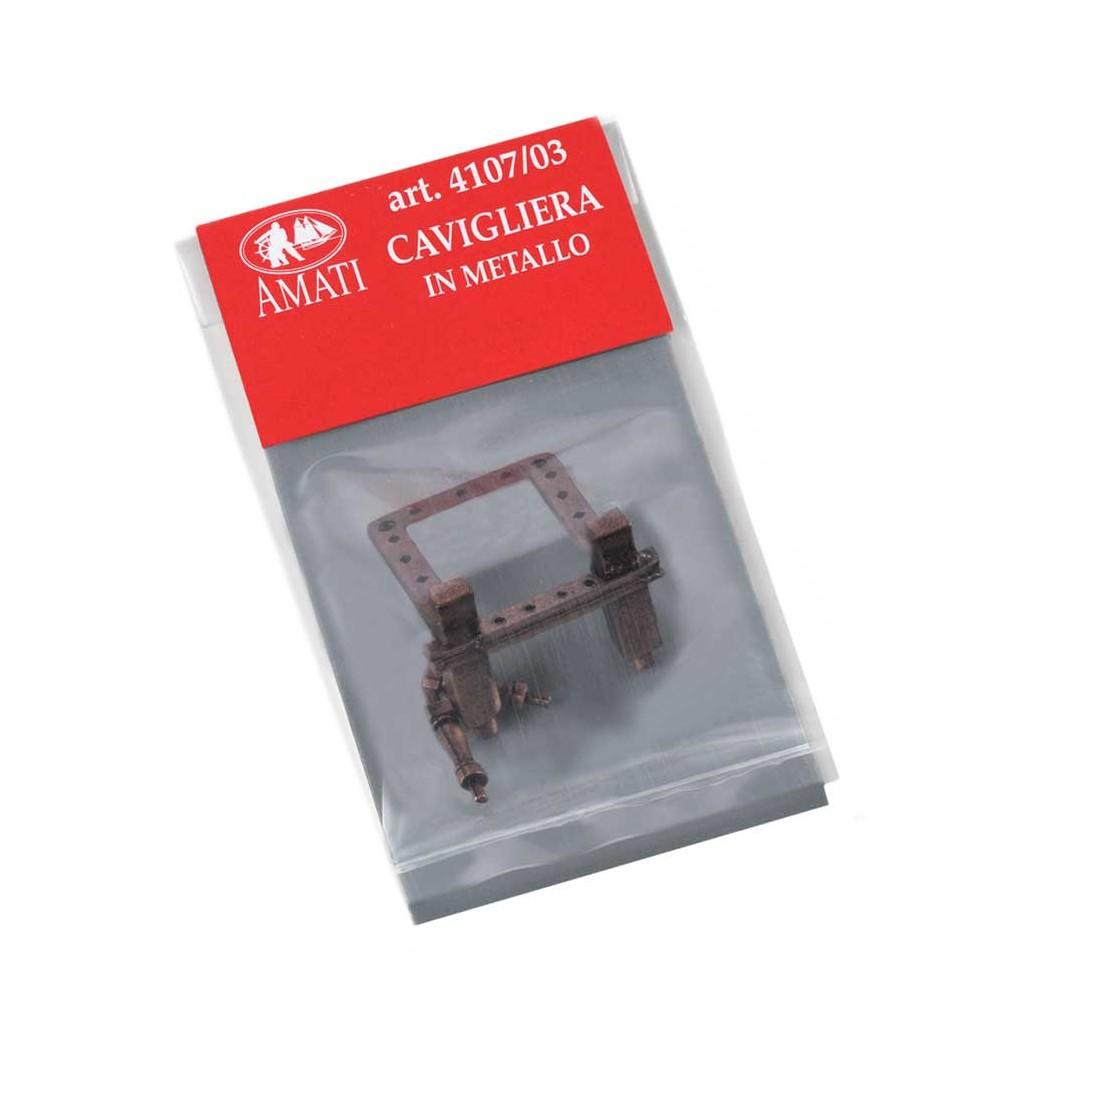 Cavigliera metallo mm. 25x25x18